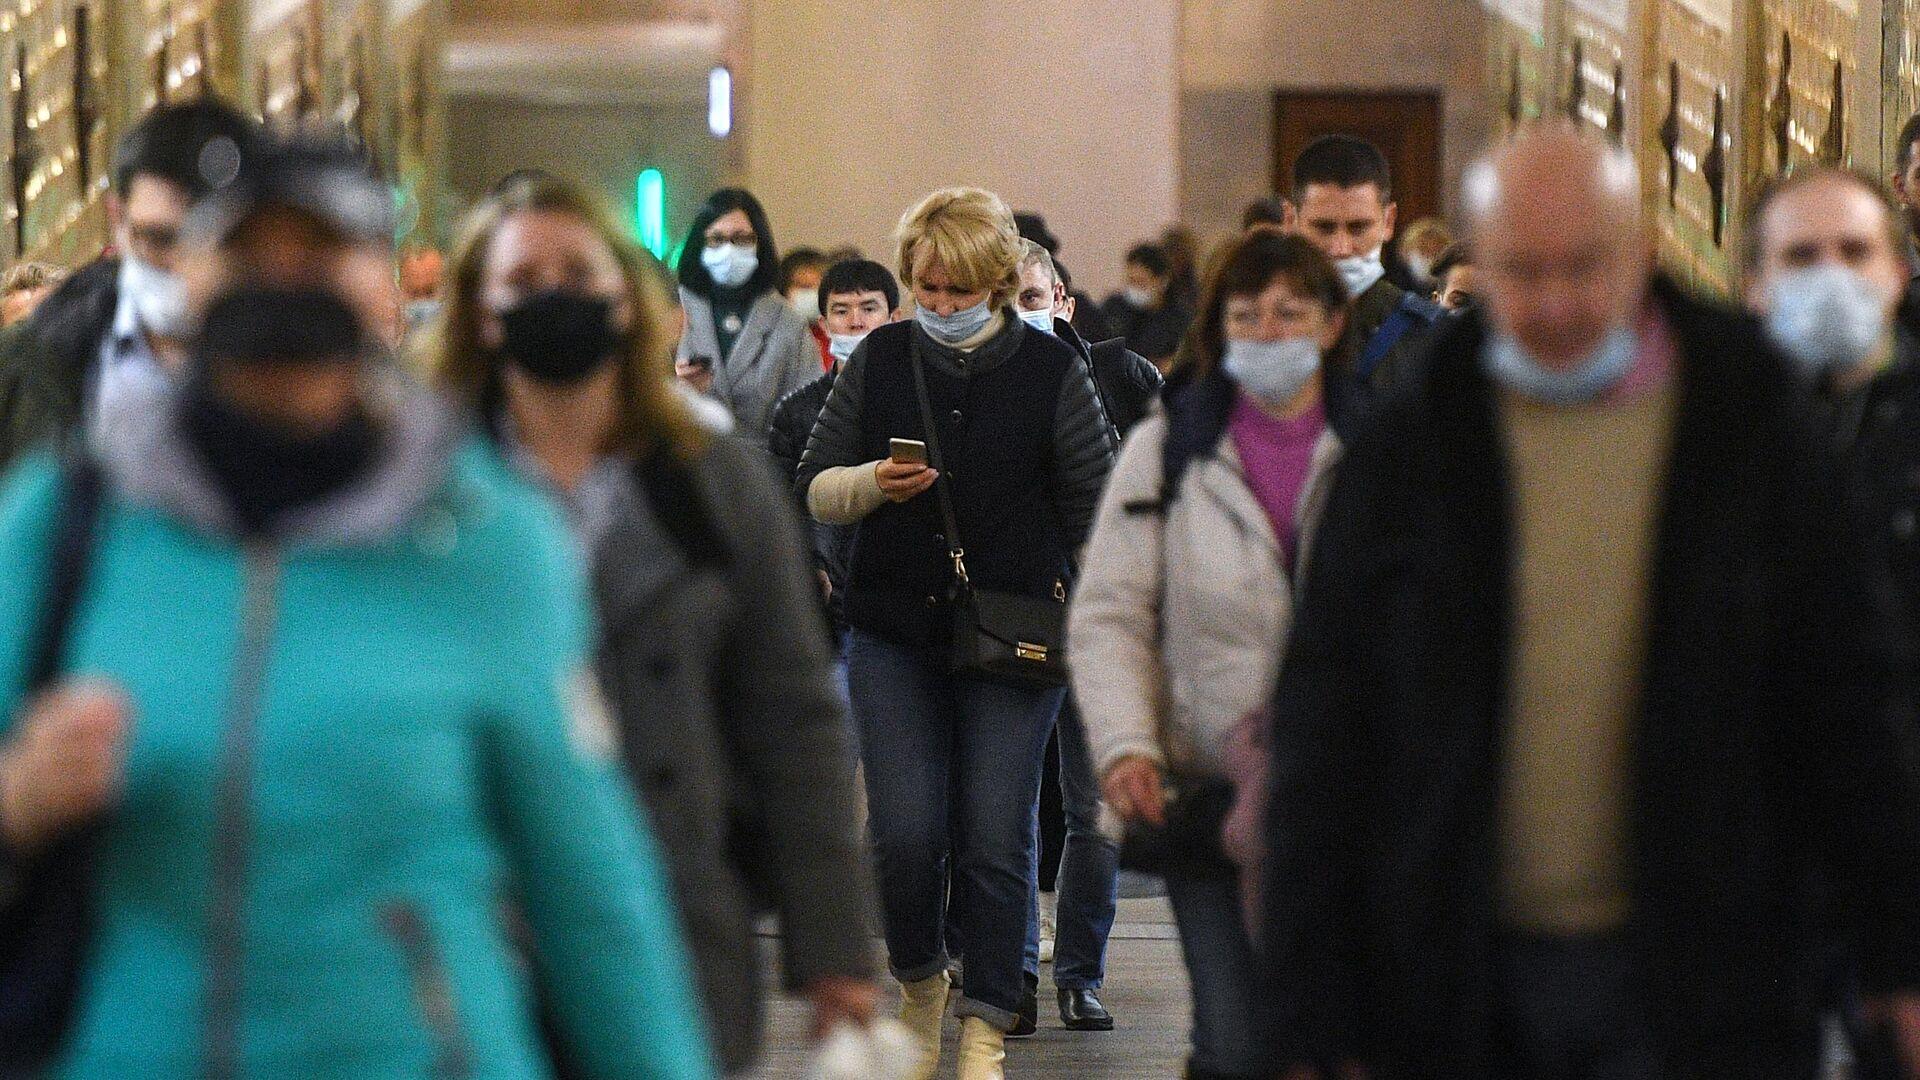 Пассажиры в защитных масках на одной из станций Московского метрополитена - РИА Новости, 1920, 27.10.2020